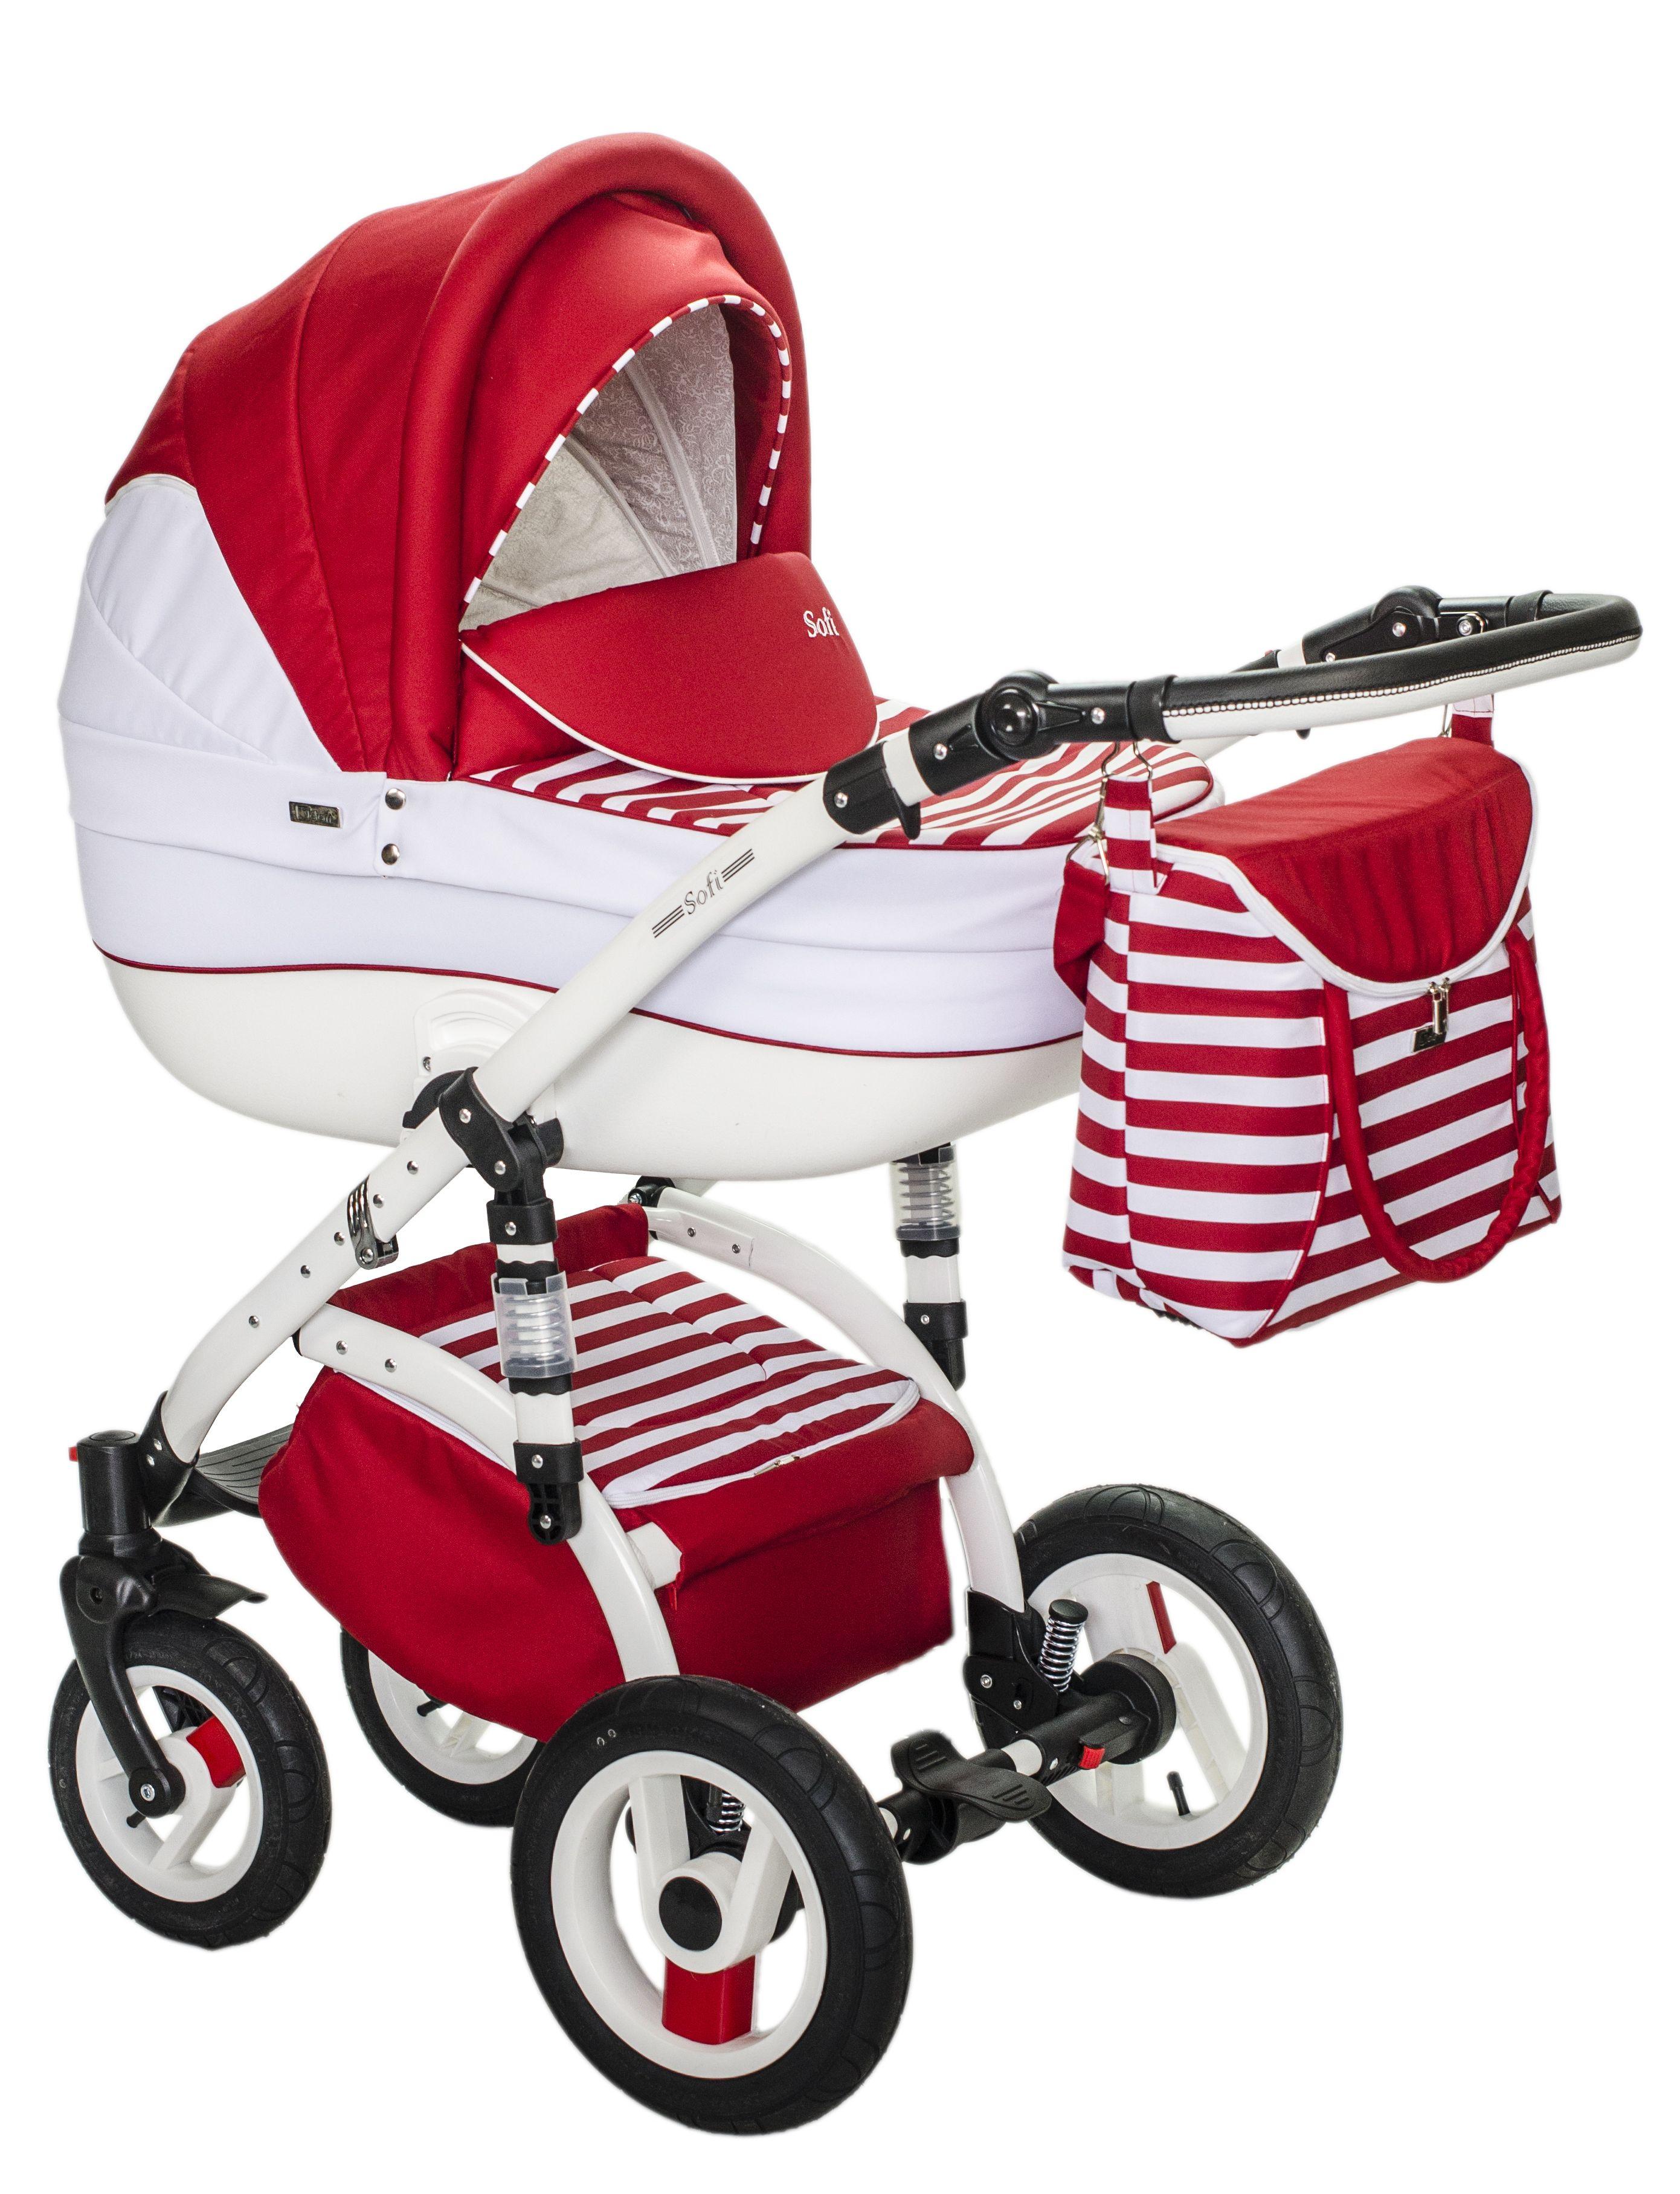 Súvisiaci obrázok Baby prams, Baby strollers, Stroller